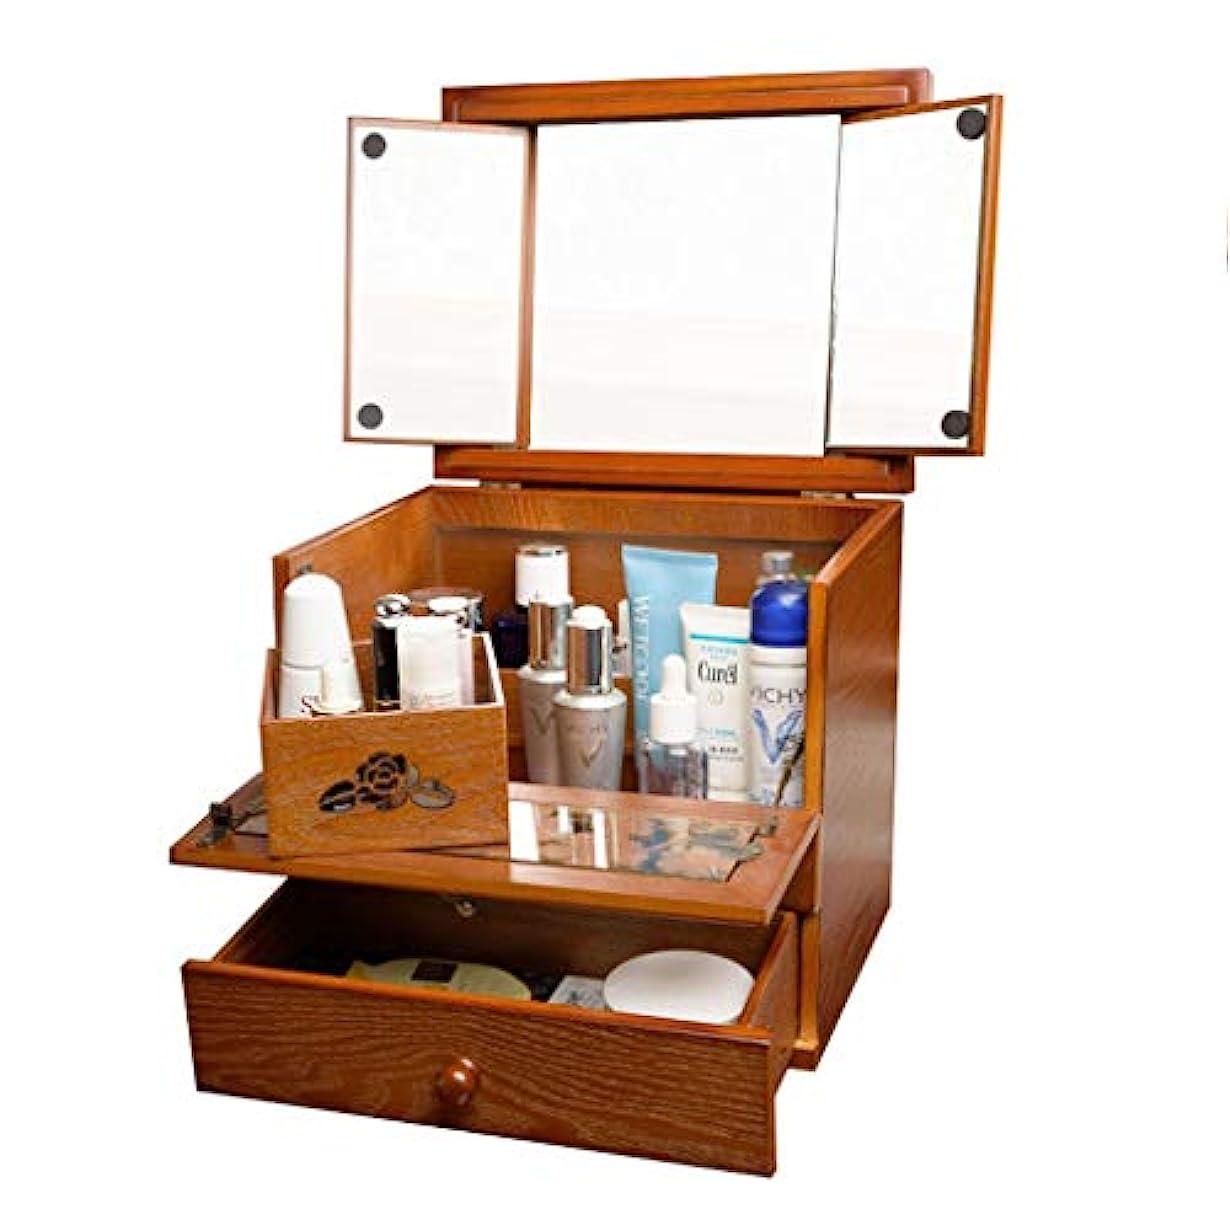 シロナガスクジラシプリー義務づける家庭用化粧品収納ボックス木製大容量化粧品ボックス小さな化粧台ミラー付き (Color : BROWN, Size : 27.5X22.5X32.5CM)